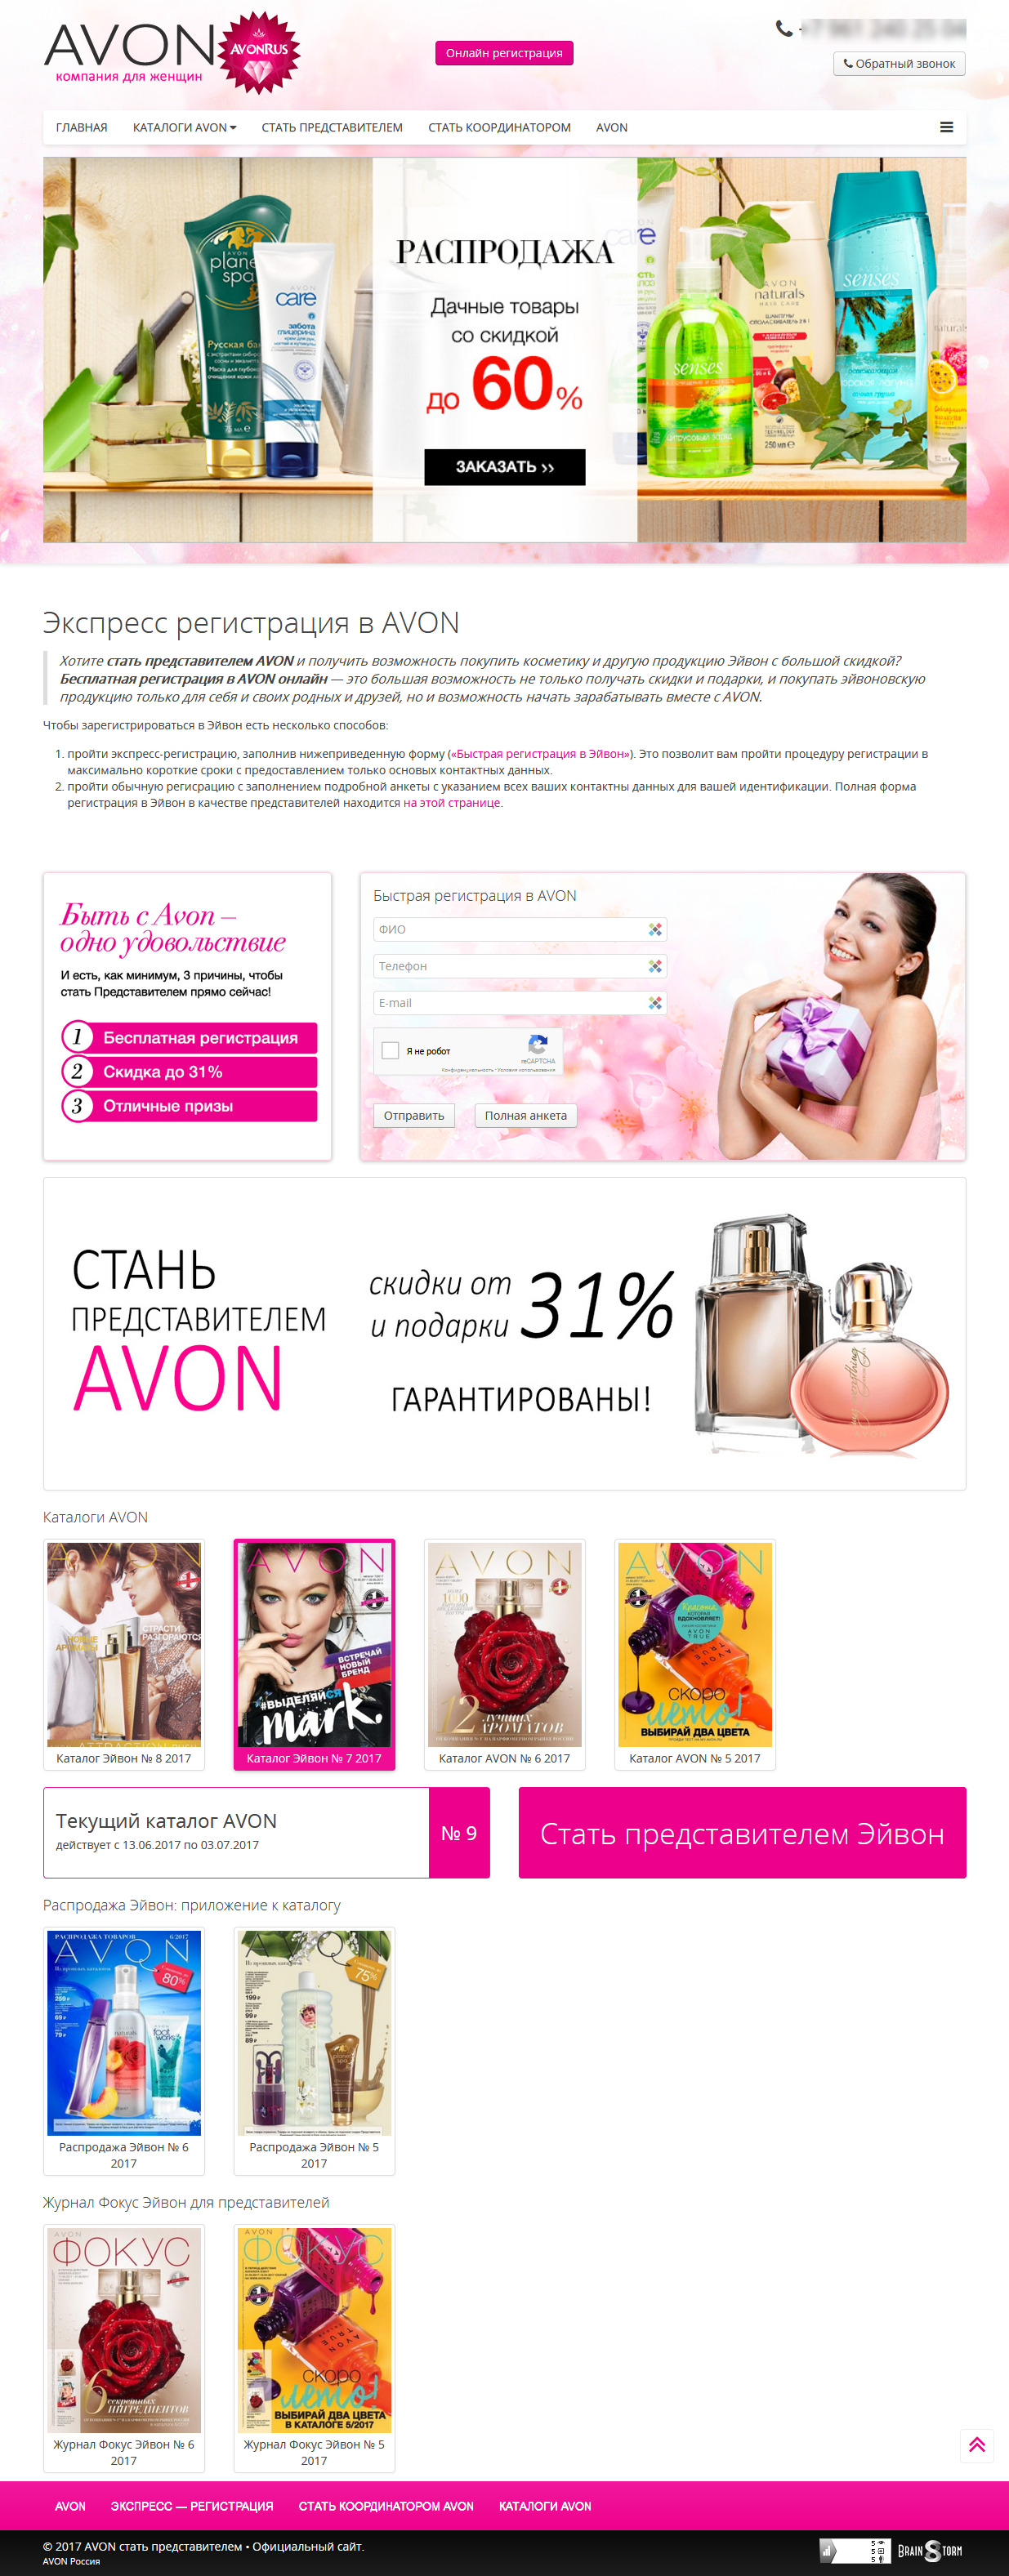 Avon - Официальный сайт 76